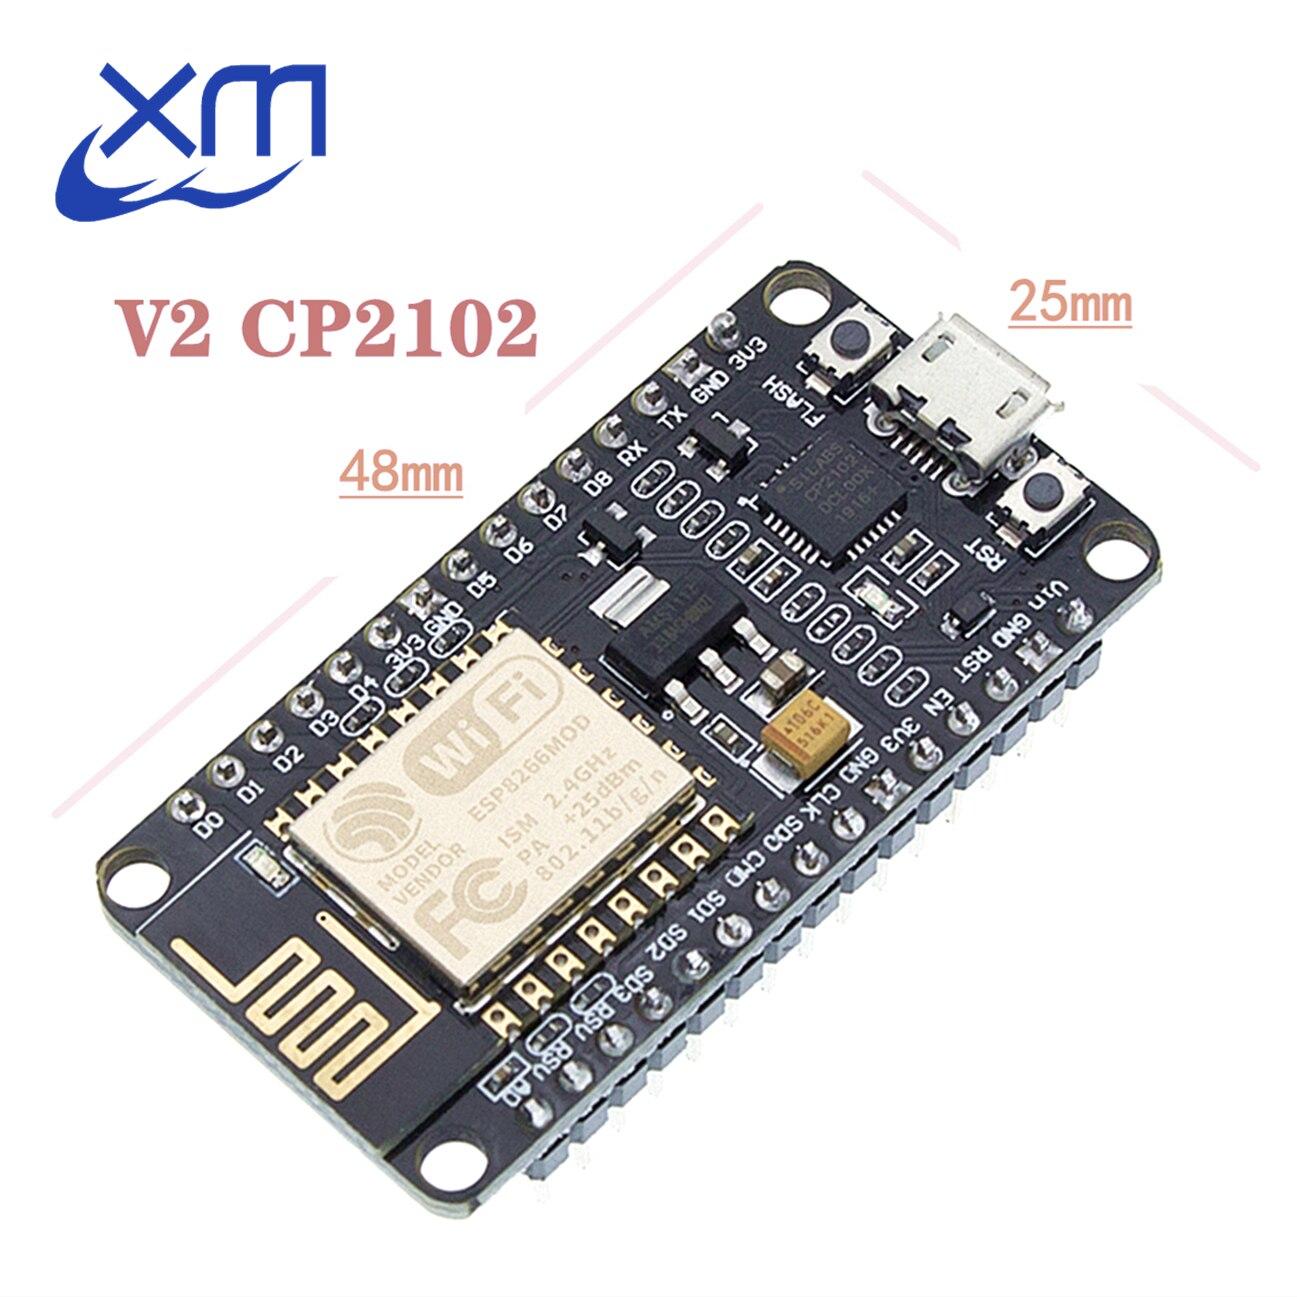 Беспроводной модуль NodeMcu v2 Lua, 10 шт., CP2102, Wi-Fi, плата разработки сети ESP8266, высококачественные продукты